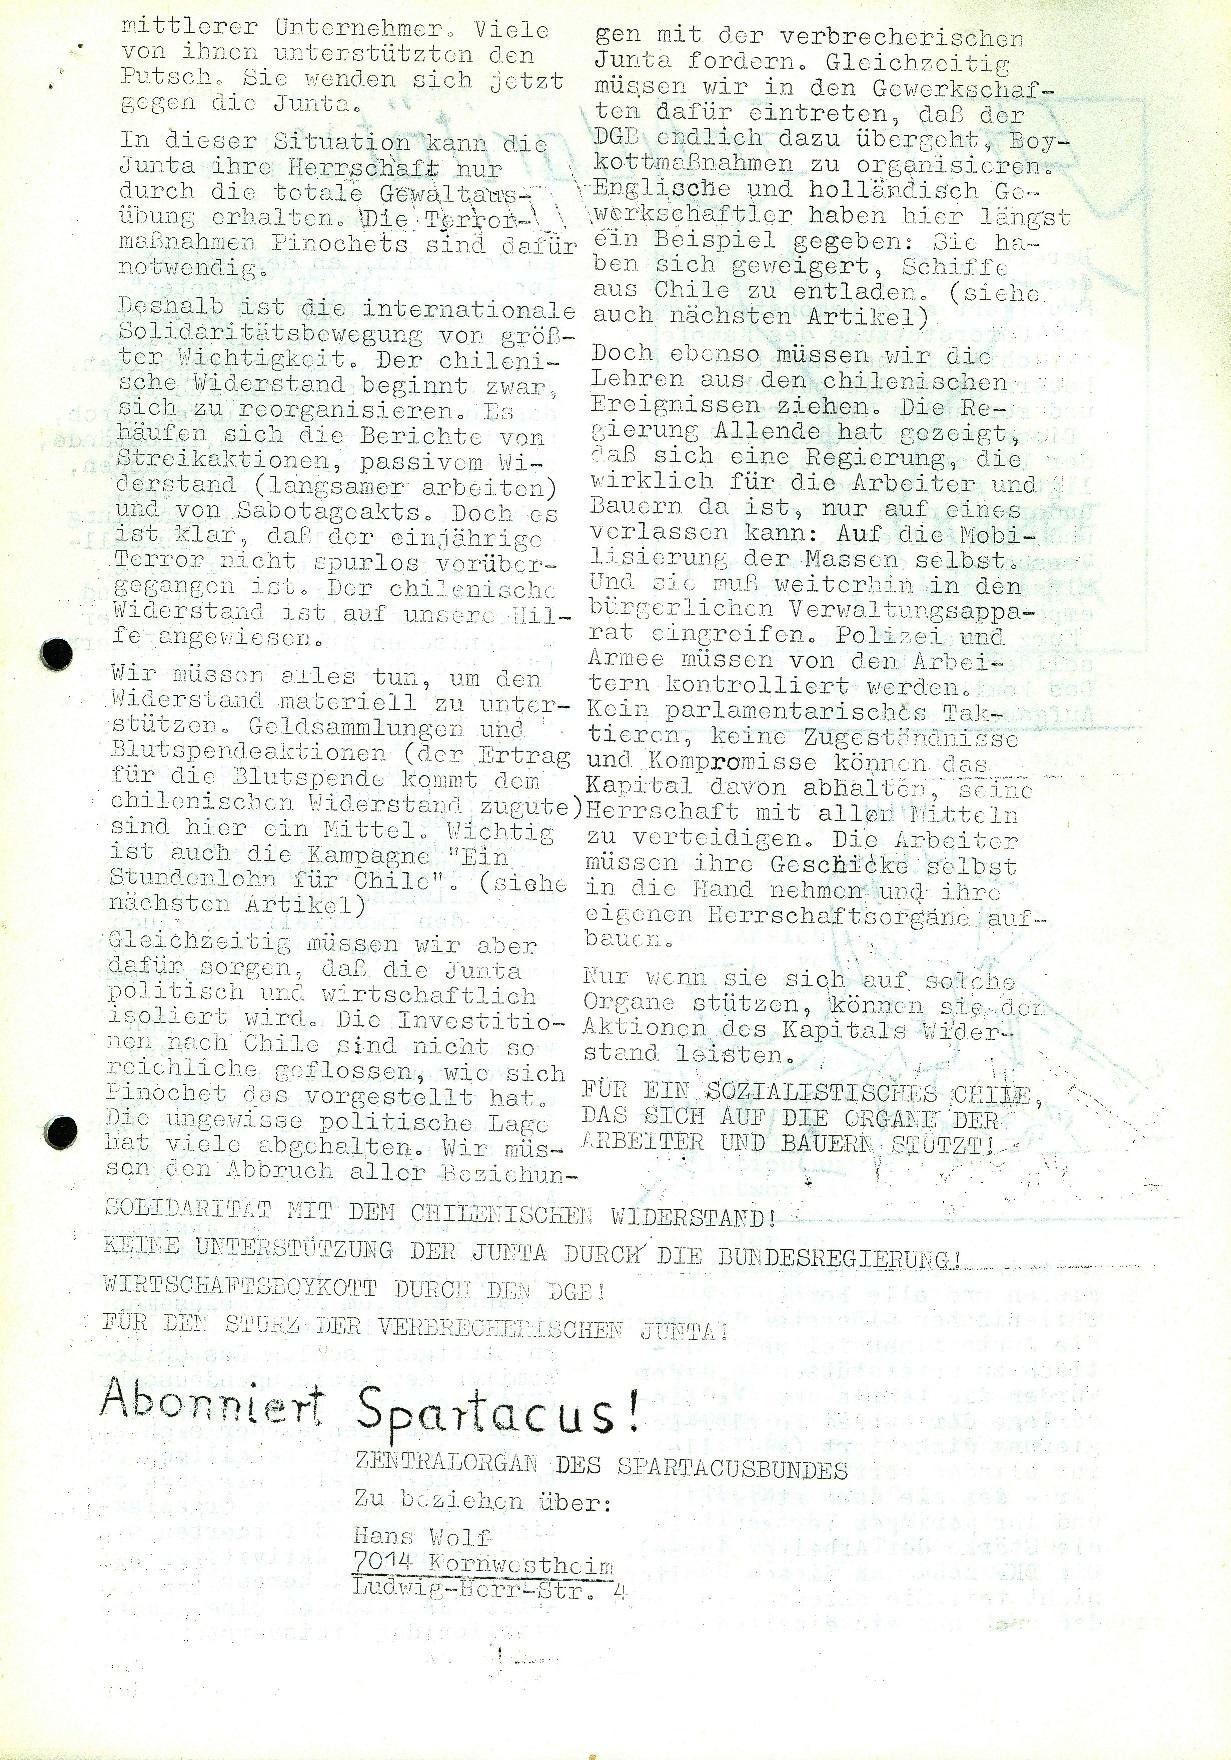 Stuttgart_Spartacus009